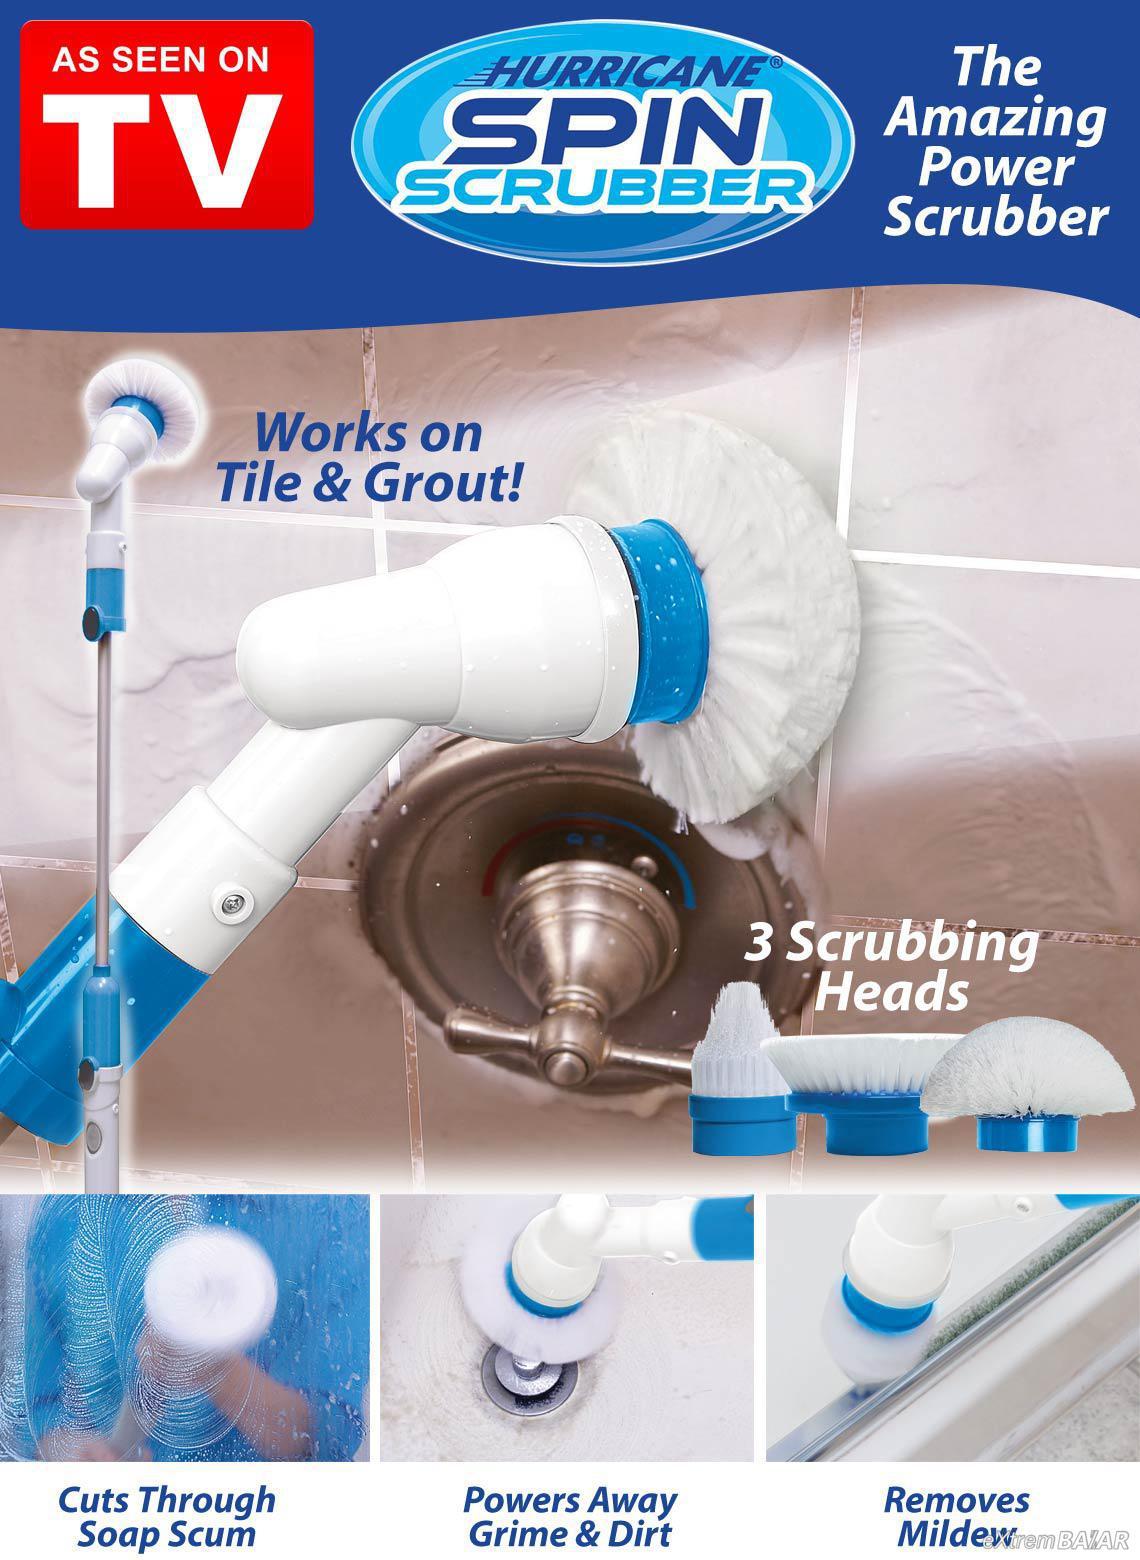 Elektromos tisztítókefe, könnyű, praktikus és rendkívül hatékony / Hurricane Spin Scrubber /